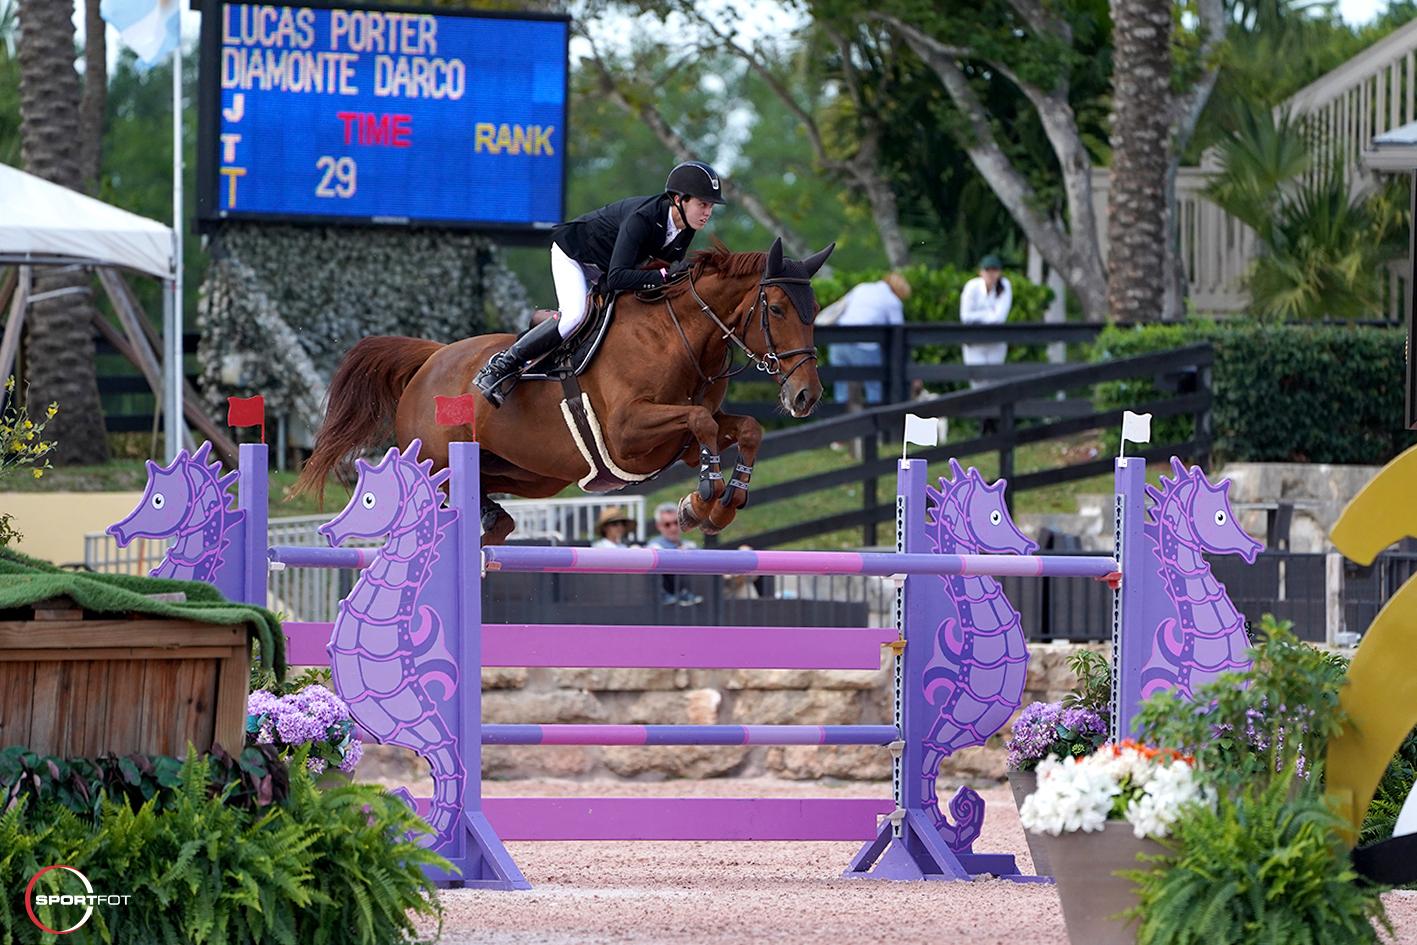 Lucas Porter and Diamonte Darco 432_9488 Sportfot